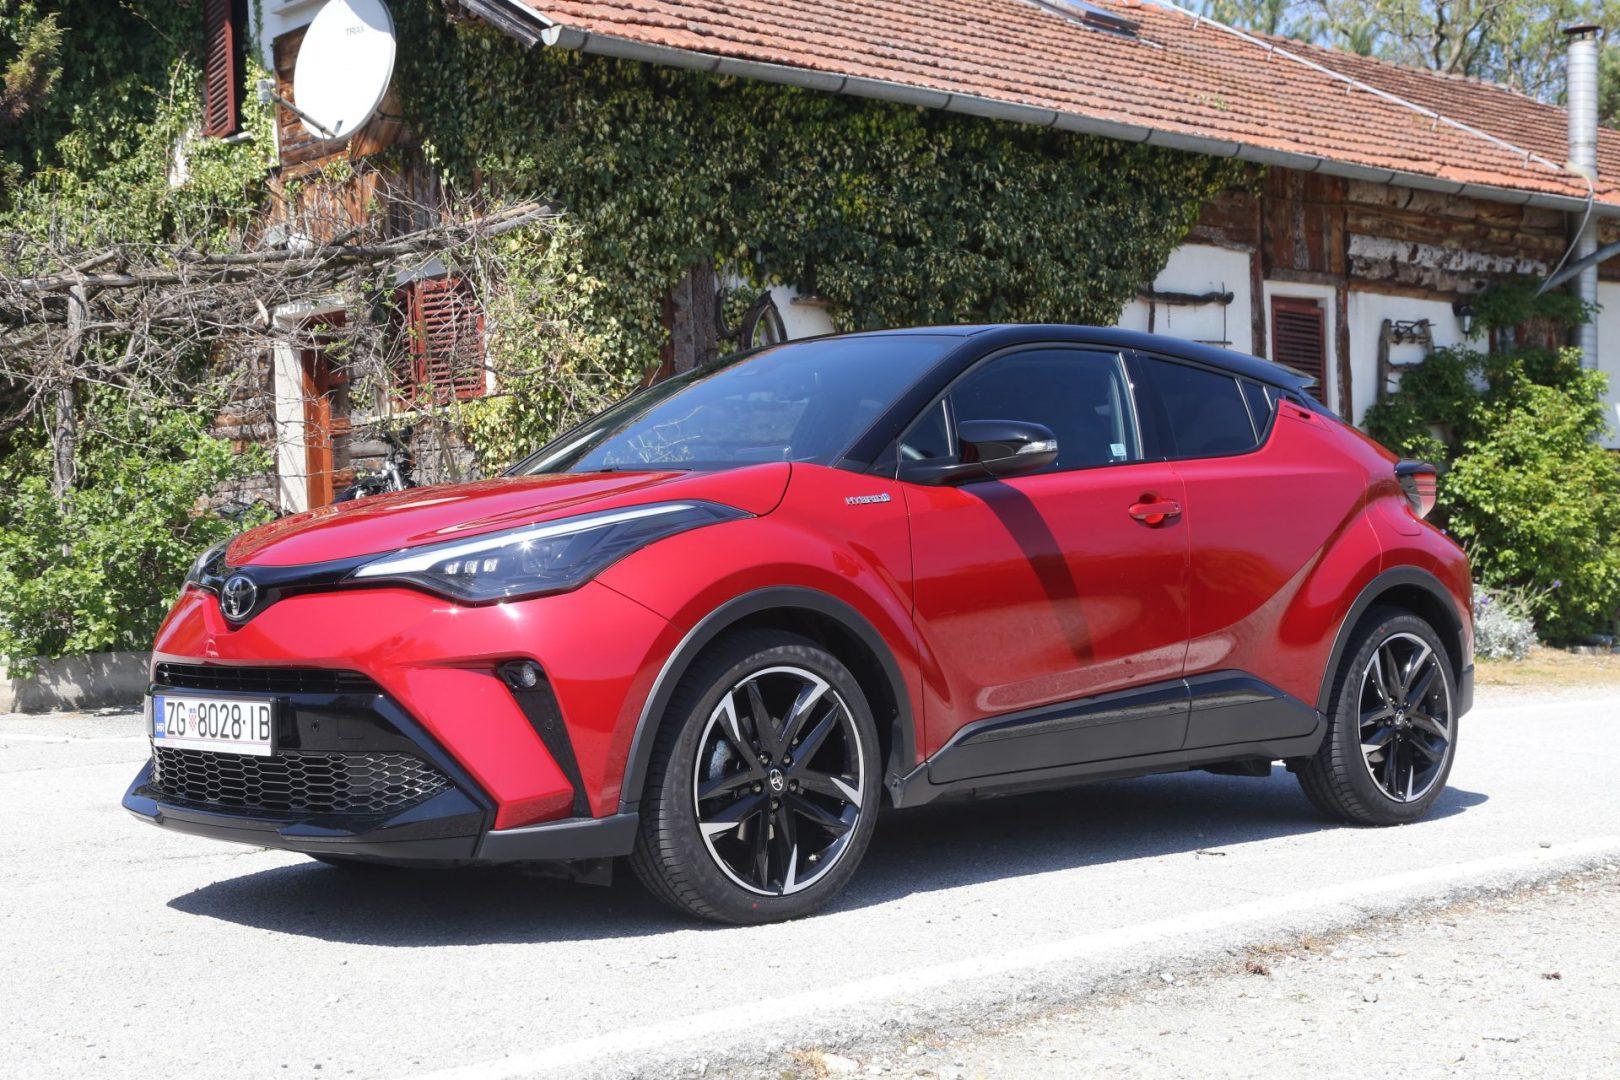 Dopadljiv kompaktni SUV sportskog izgleda